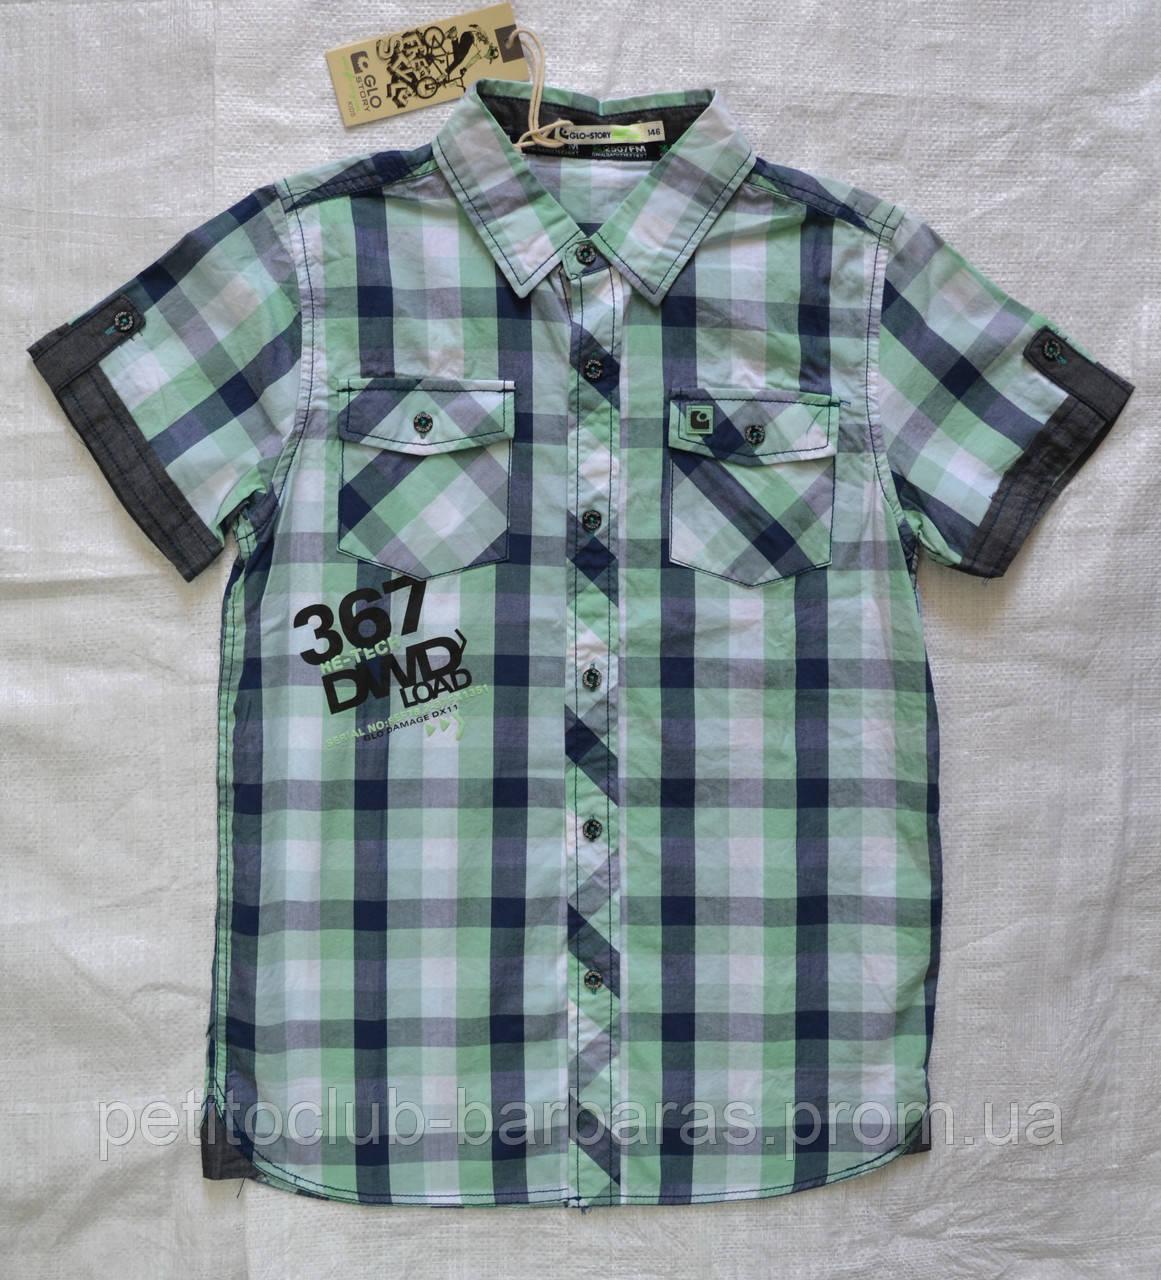 Летняя рубашка для мальчика в клетку зеленая (Glo-Story, Венгрия)